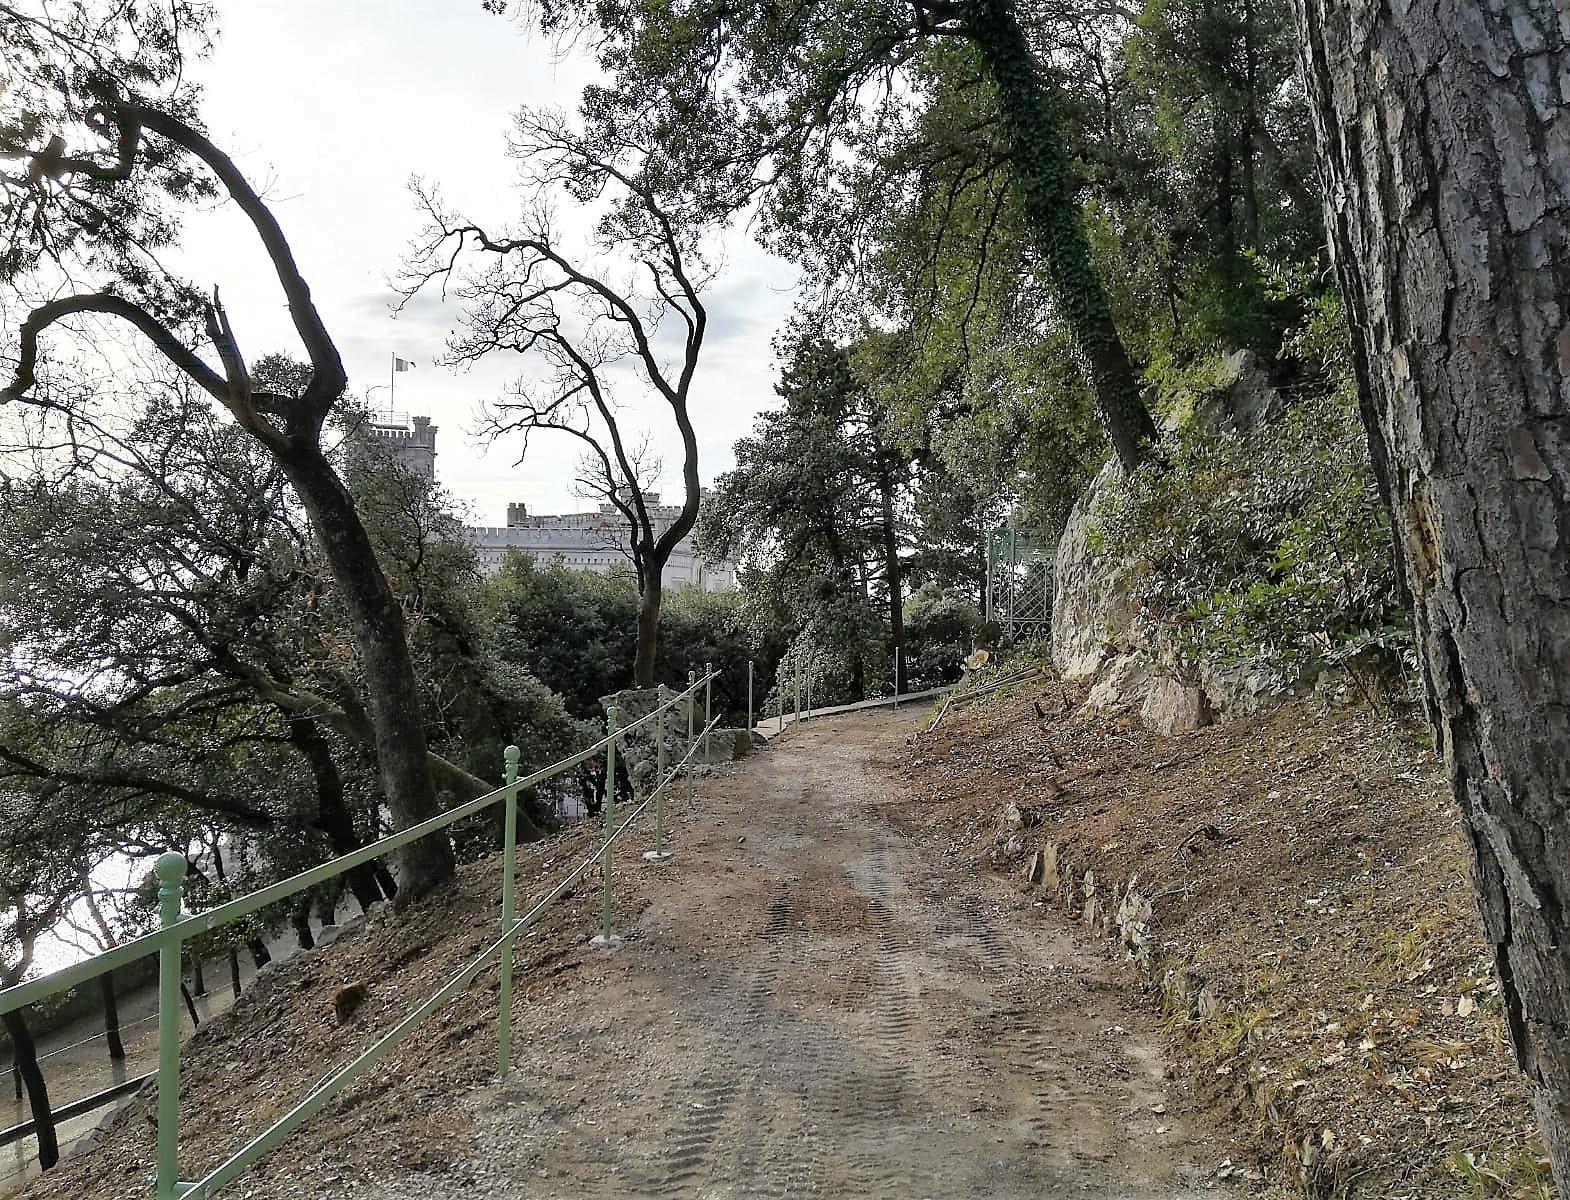 viale dei lecci parco miramare